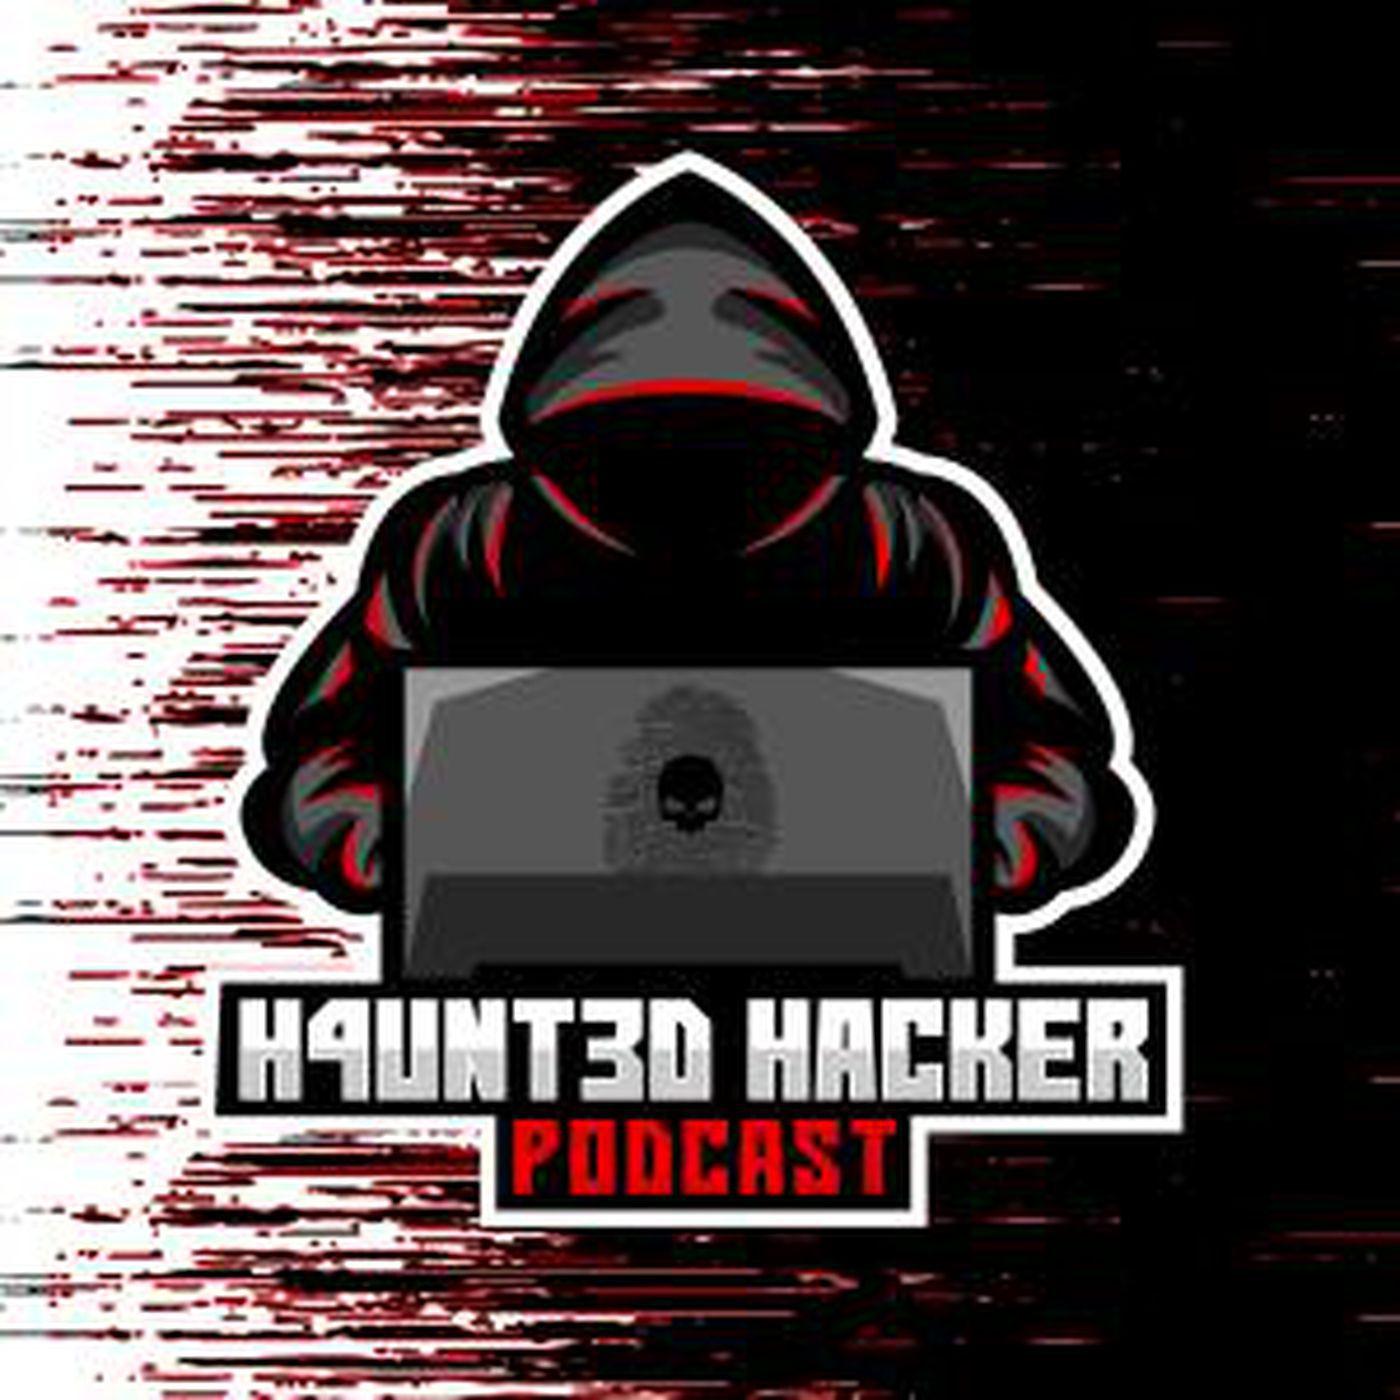 H4unt3d Hacker